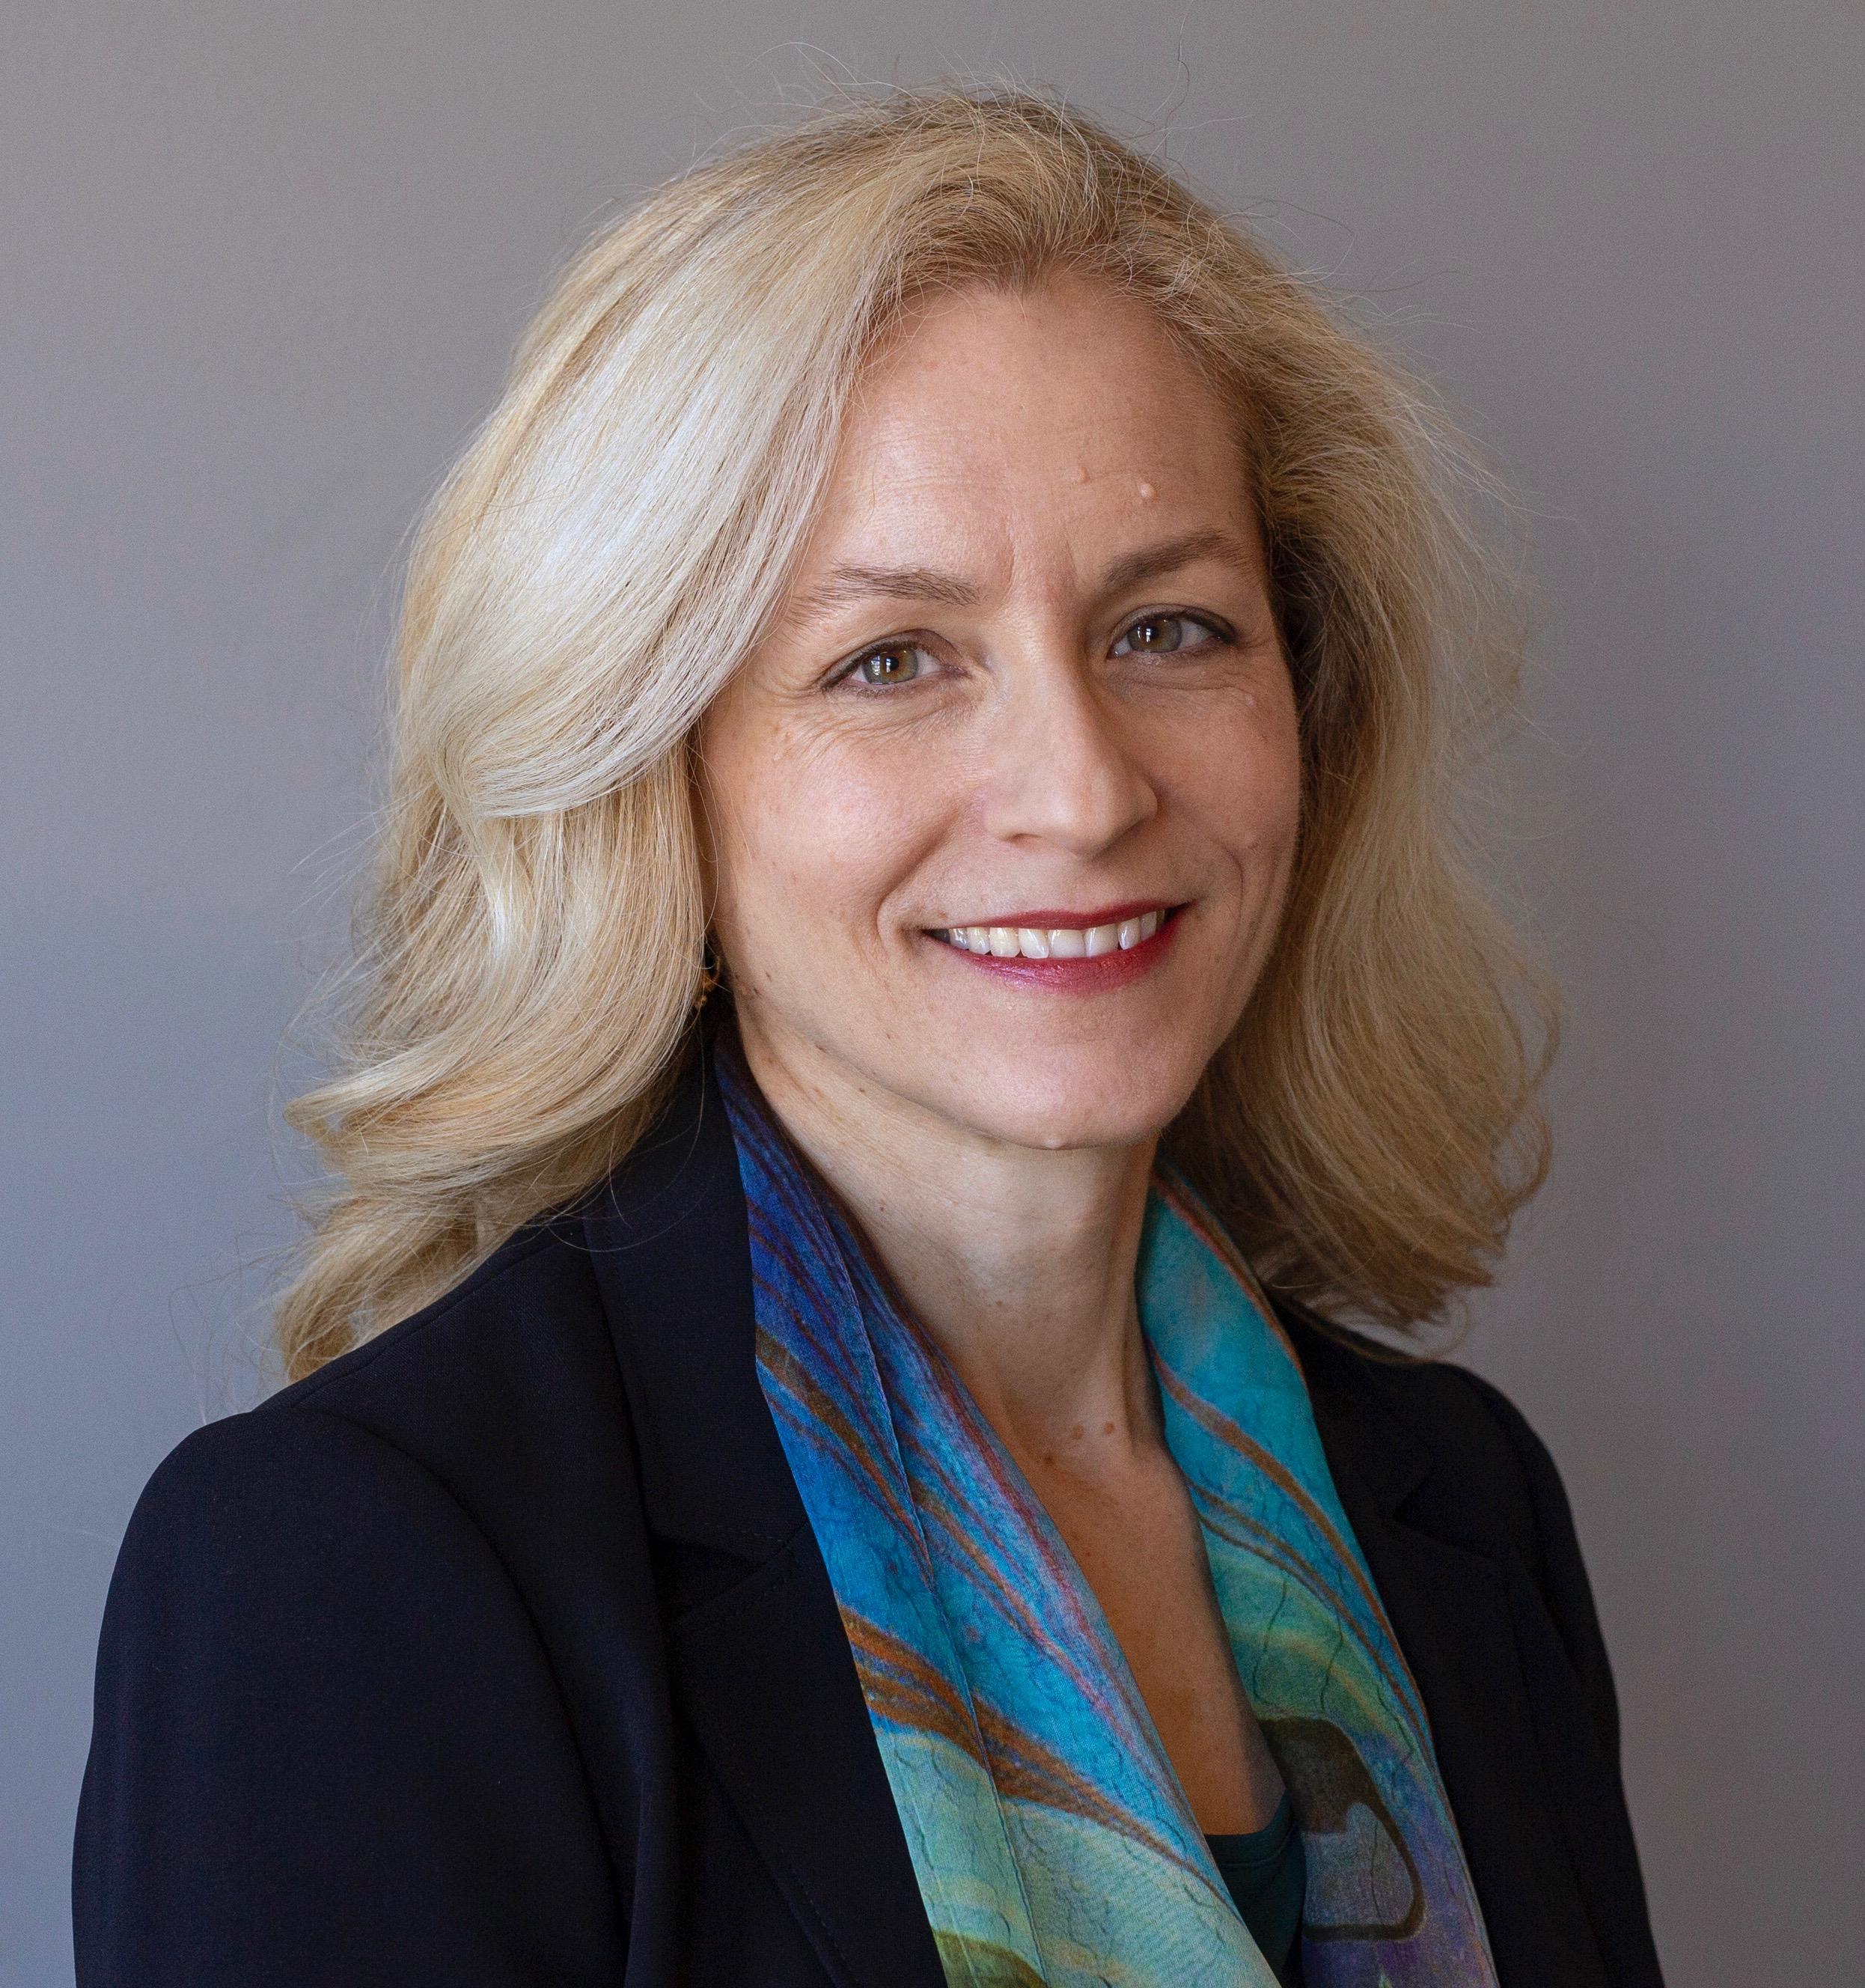 Sue Lyn Schramm, MA, Managing Principal